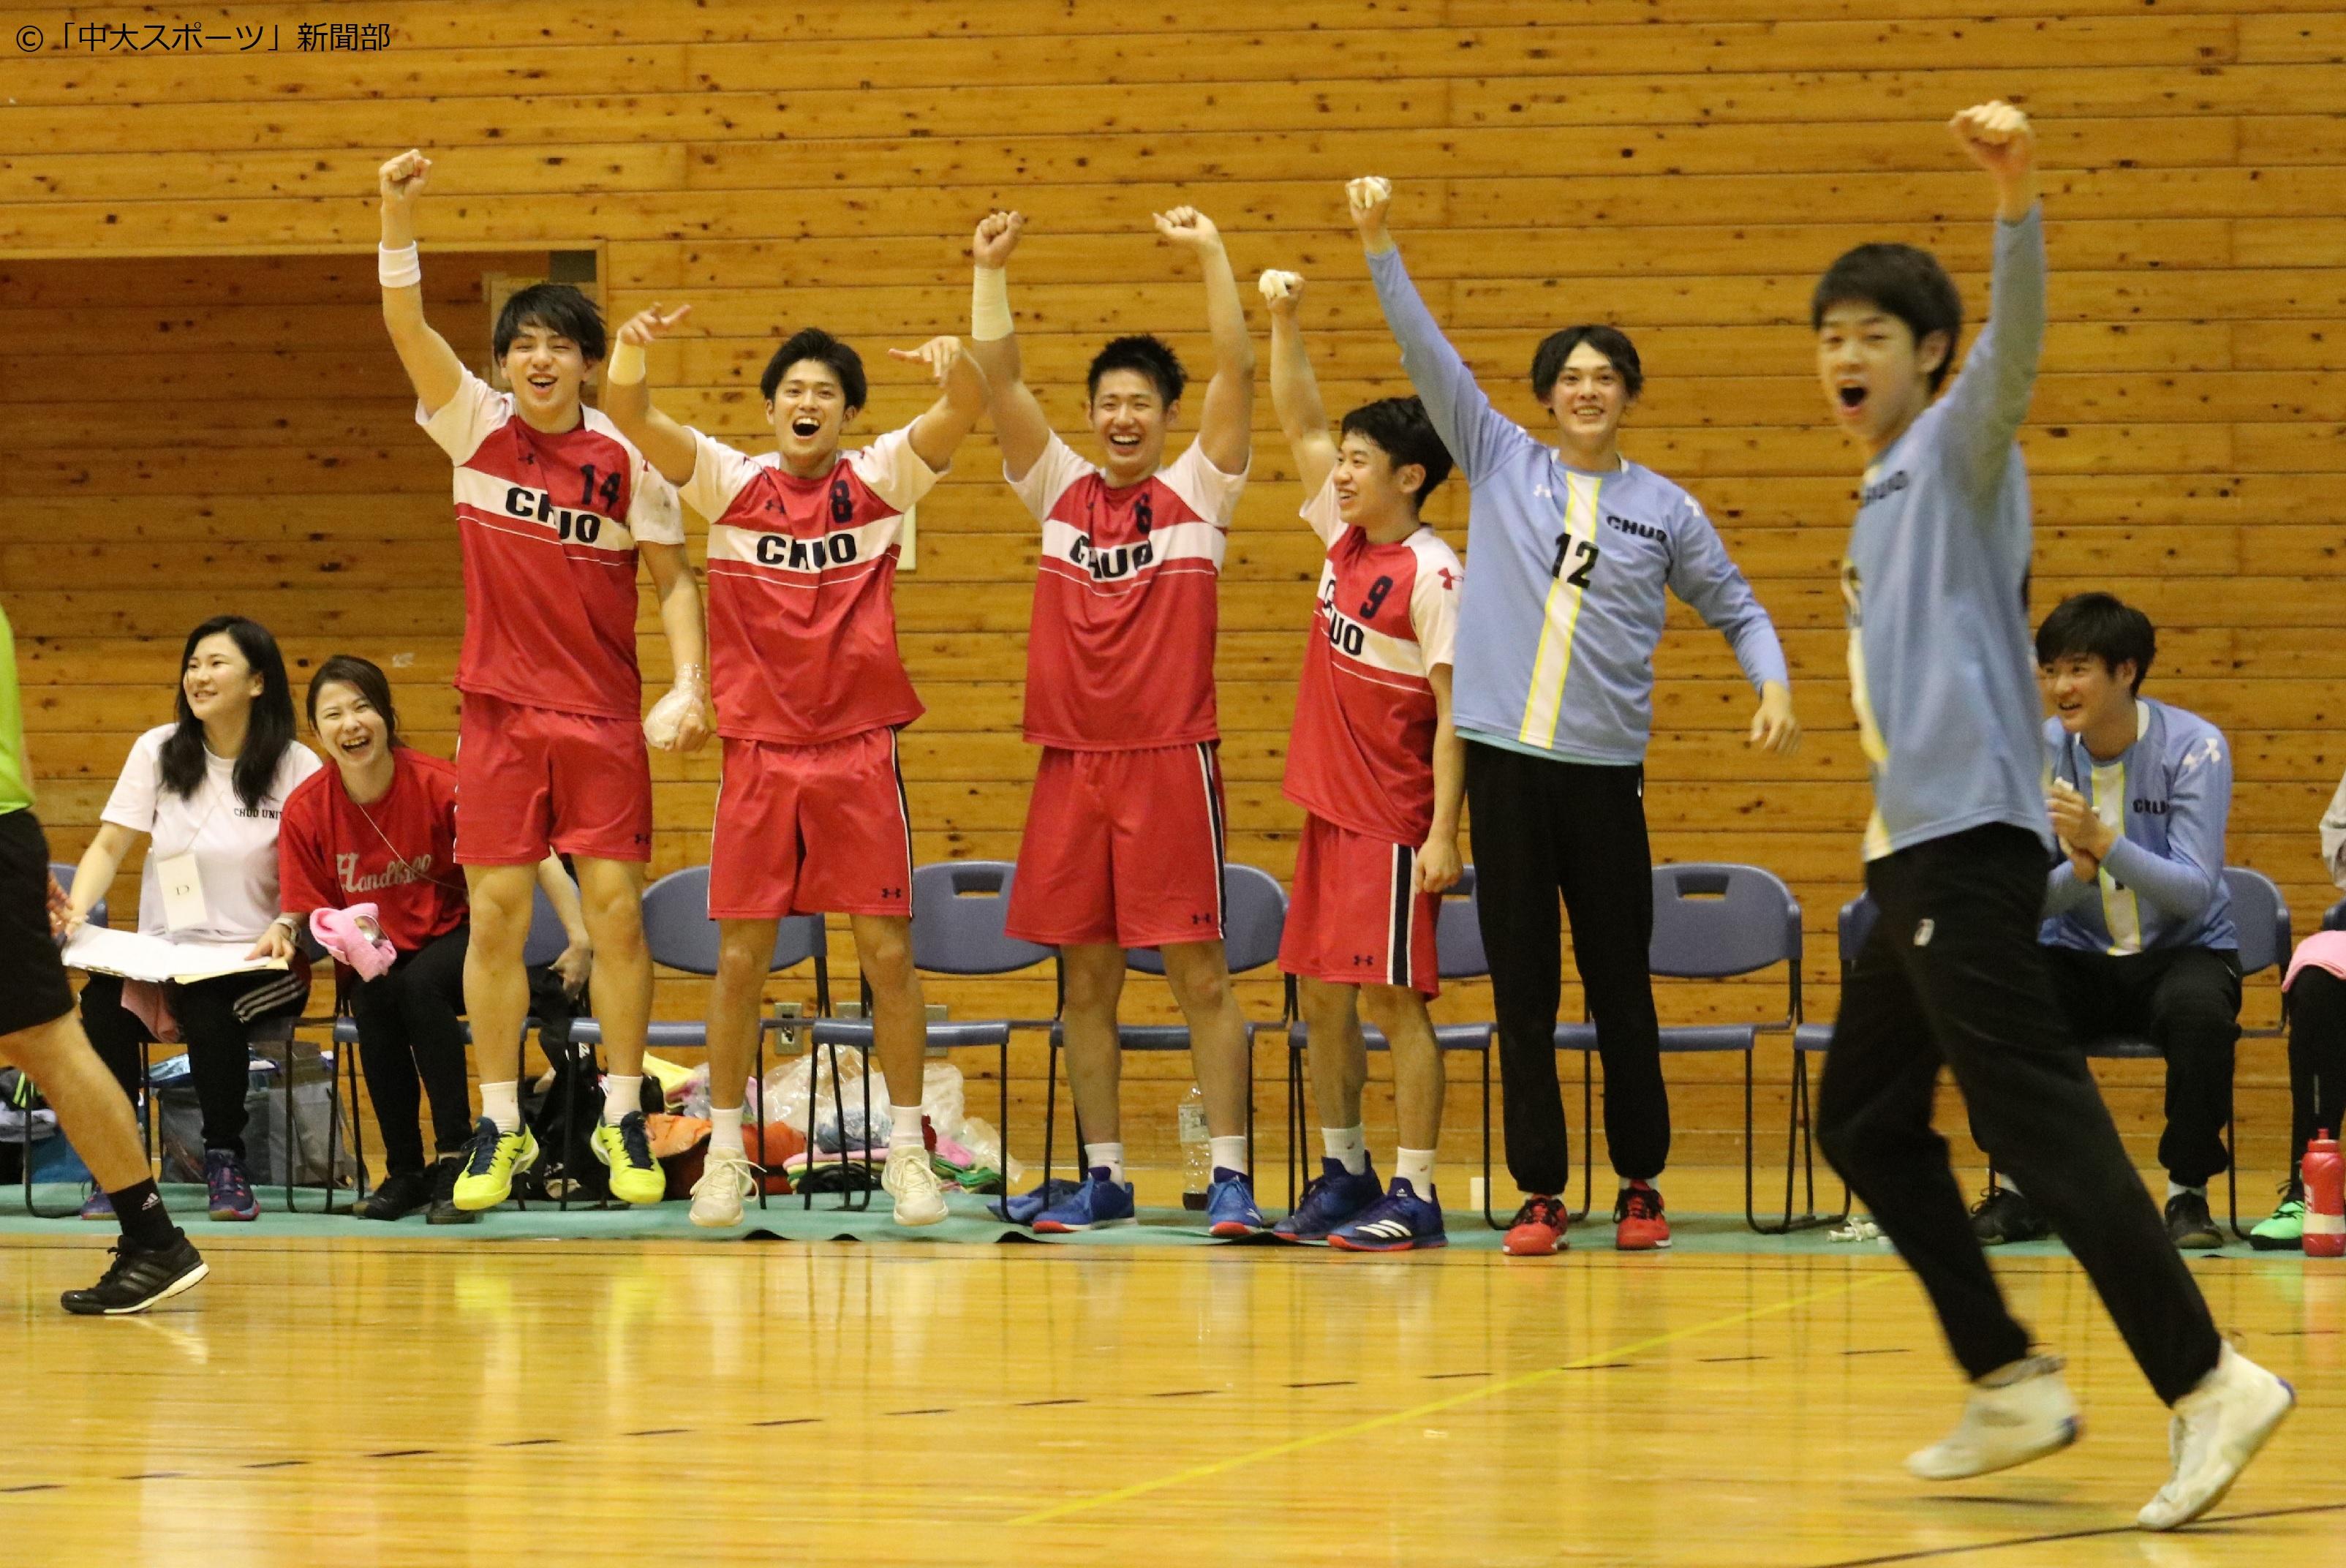 大学 ハンドボール 関東 立教大学体育会ハンドボール部